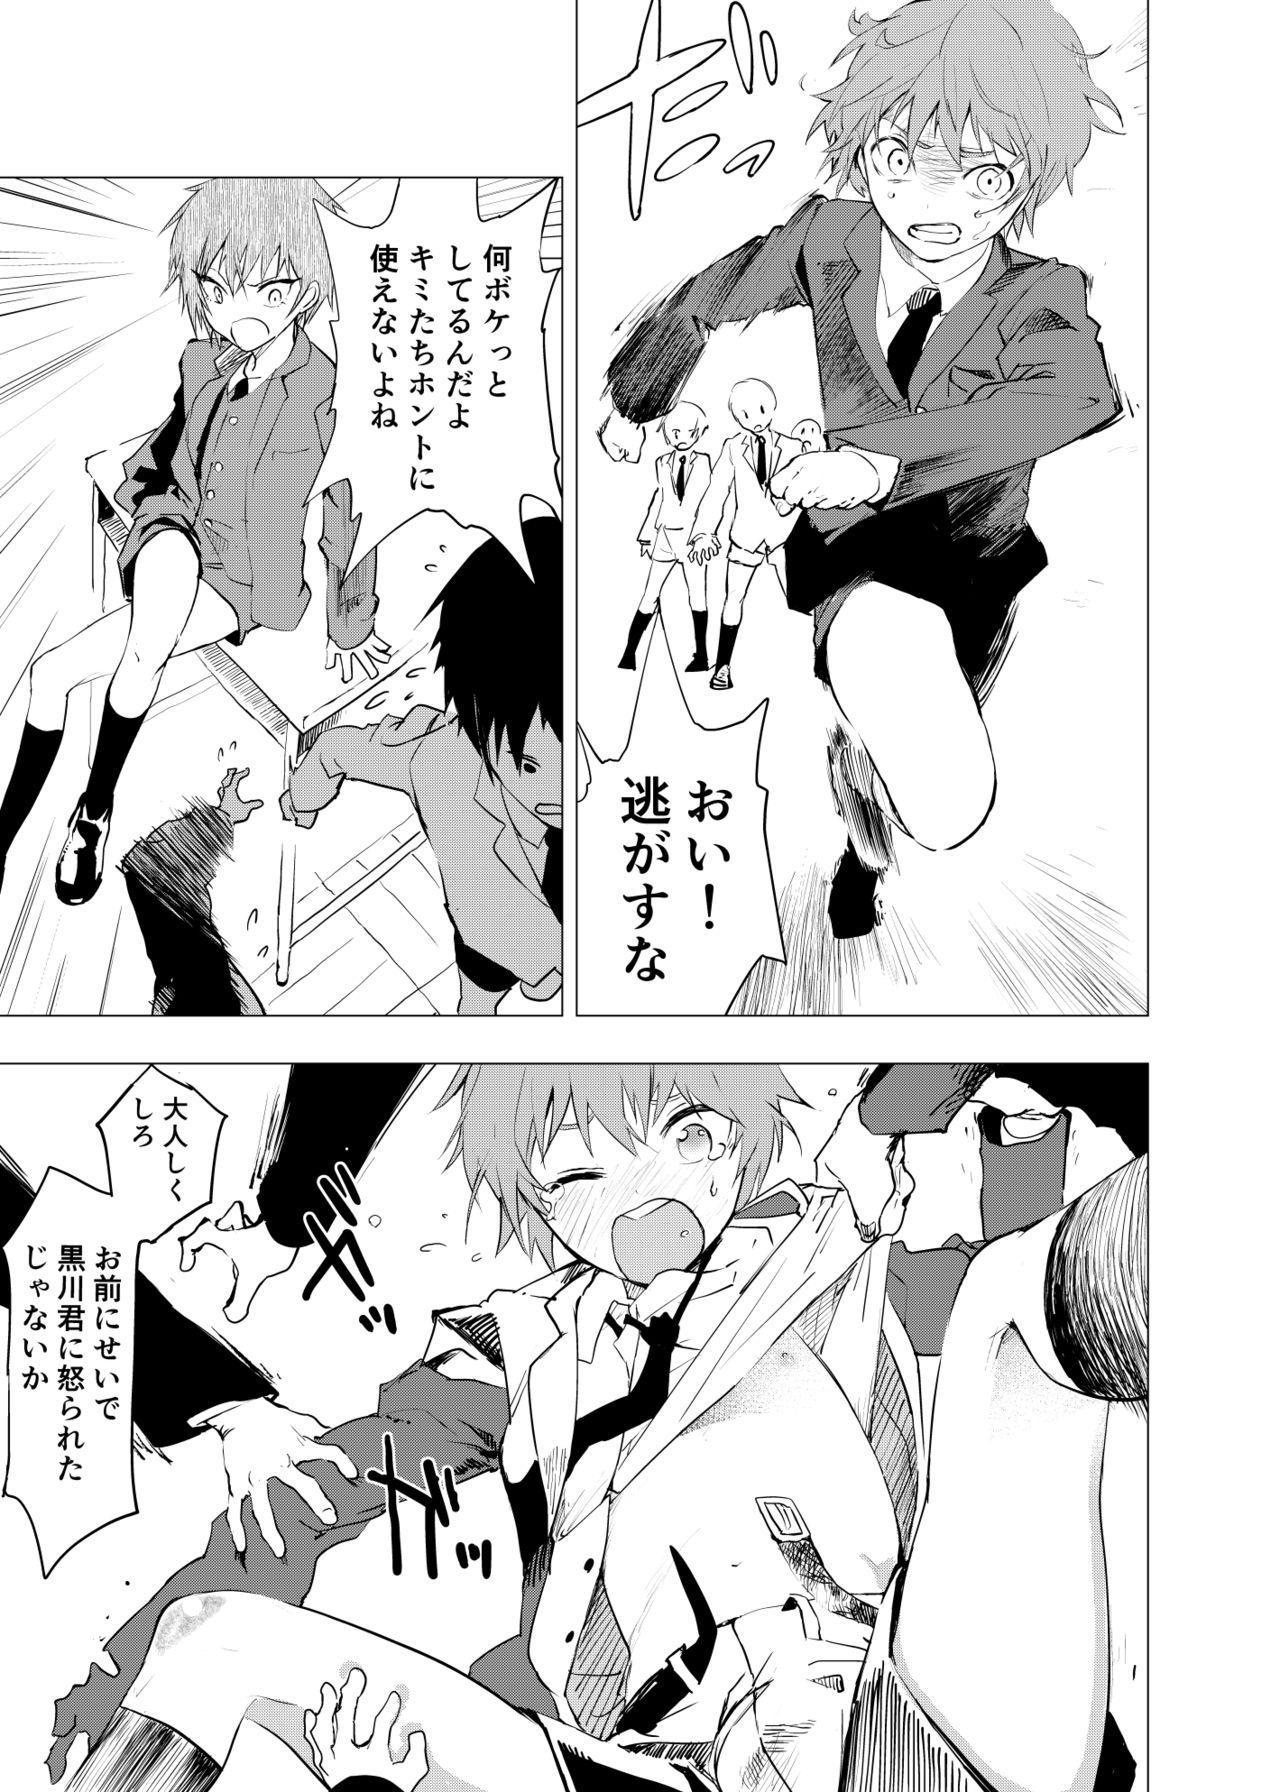 Inaka no Uke Shounen to Tokai no Seme Shounen no Ero Manga 1-6 87